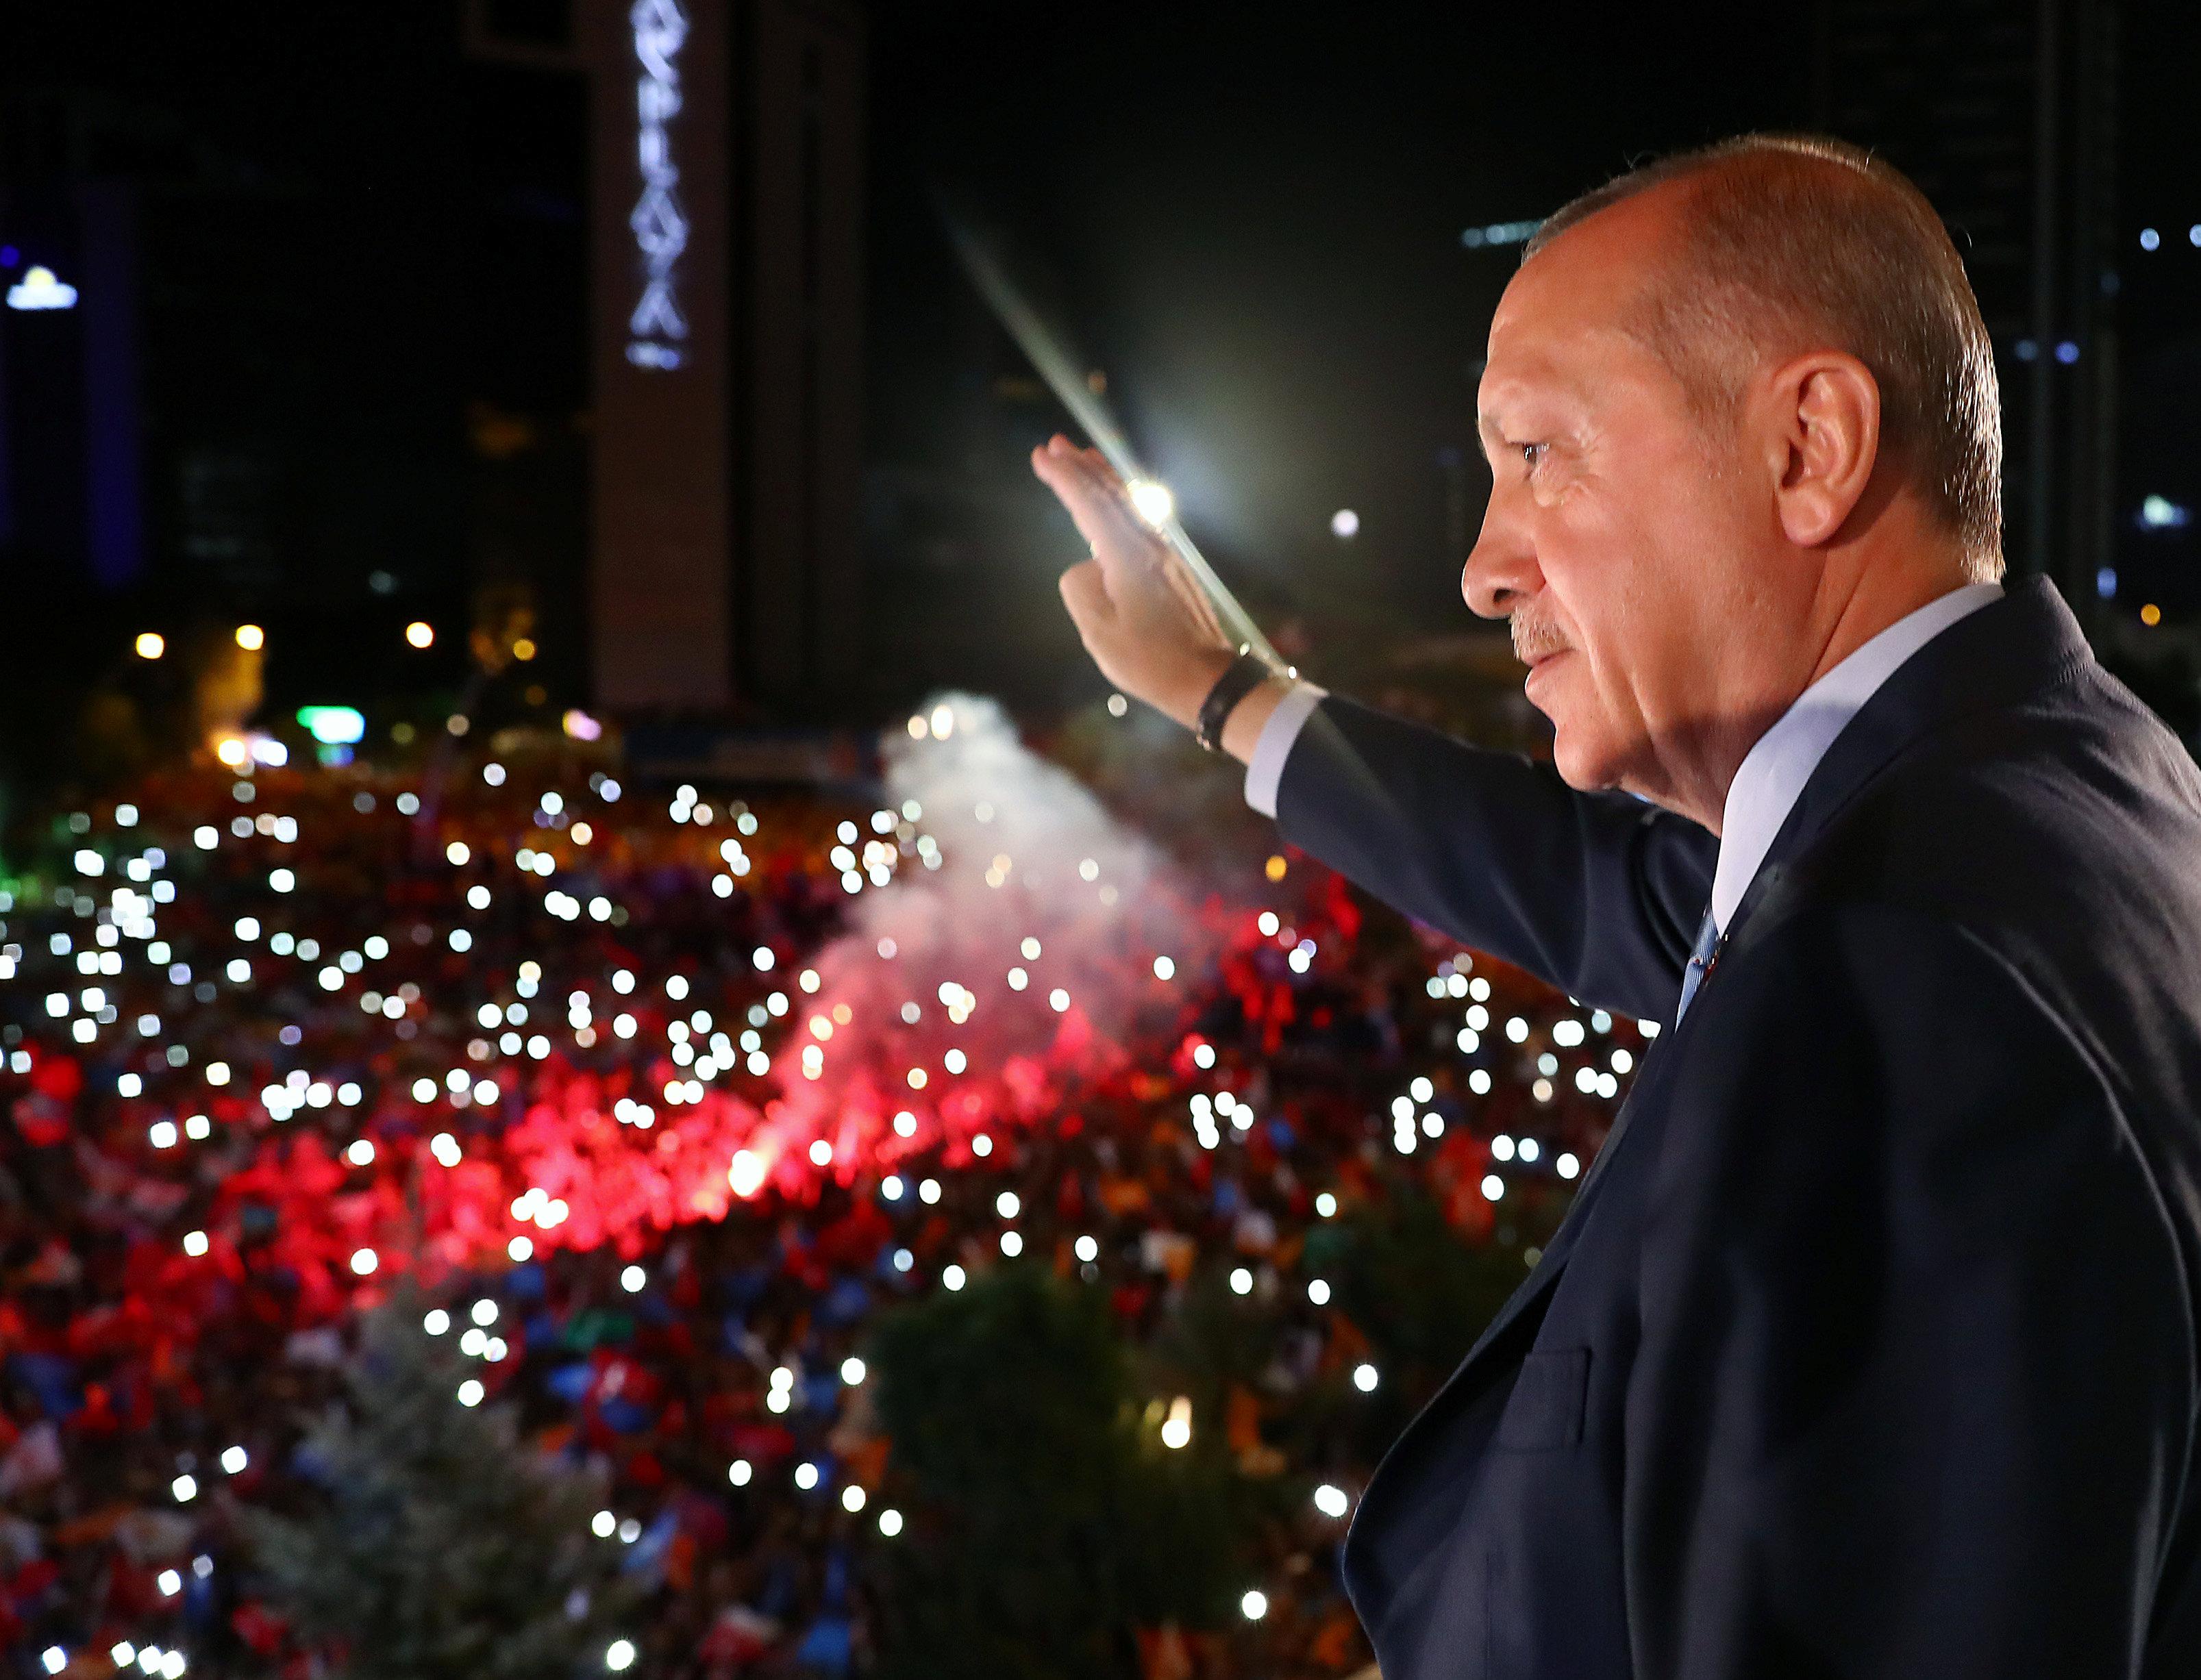 El presidente turco Tayyip Erdogan saluda a sus seguidores desde el balcón de la sede de su partido gobernante, el AK, en Ankara, Turquía, a principios del 25 de junio de 2018. (Reuters)